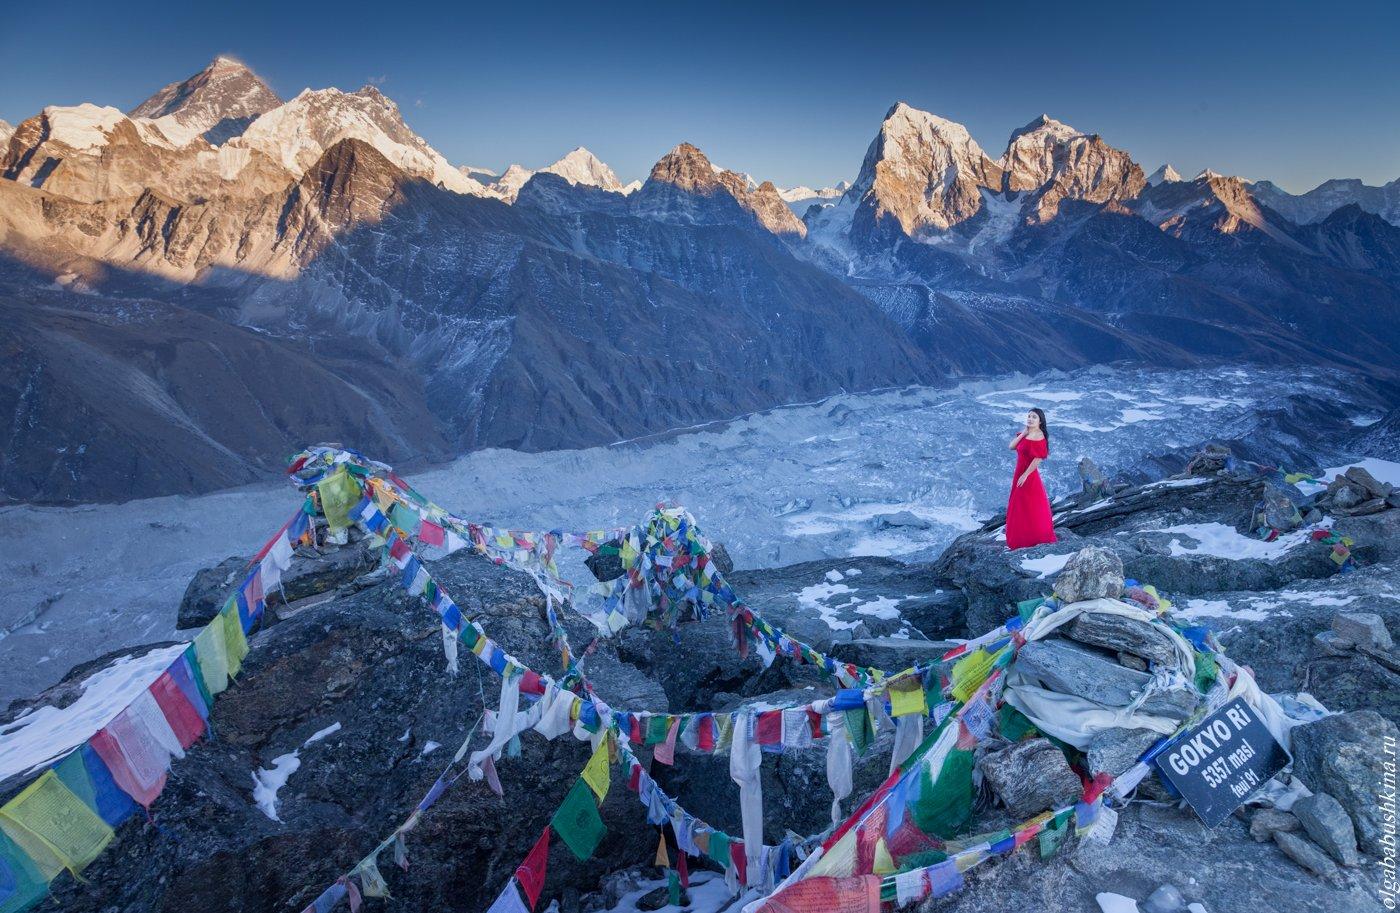 горы, непал, гокио, закат, в красном, фототур, фотопутешествие, Бабушкина Ольга